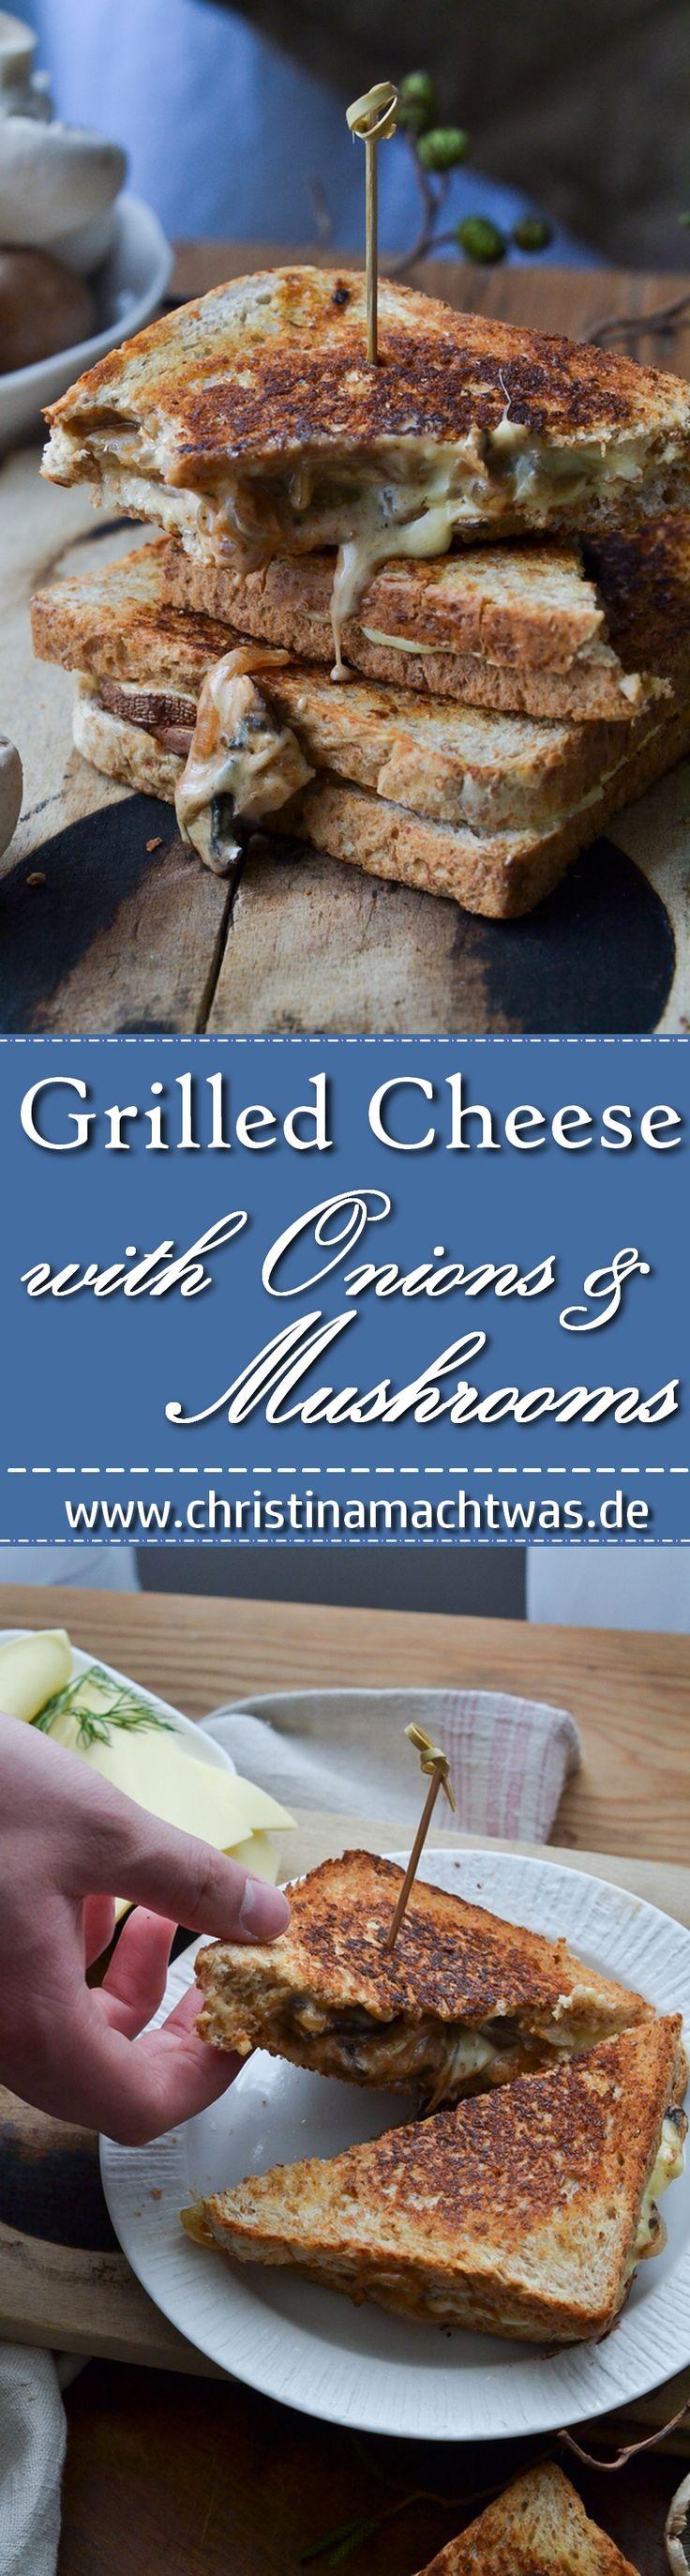 Knuspriges Brot, geschmolzener Käse und würzige Zwiebeln & Champignons. Das macht ein herrliches grilled cheese Sandwich aus.  ___________________________ Easy Homemade grilled Cheese Sandwich with onions and mushrooms.